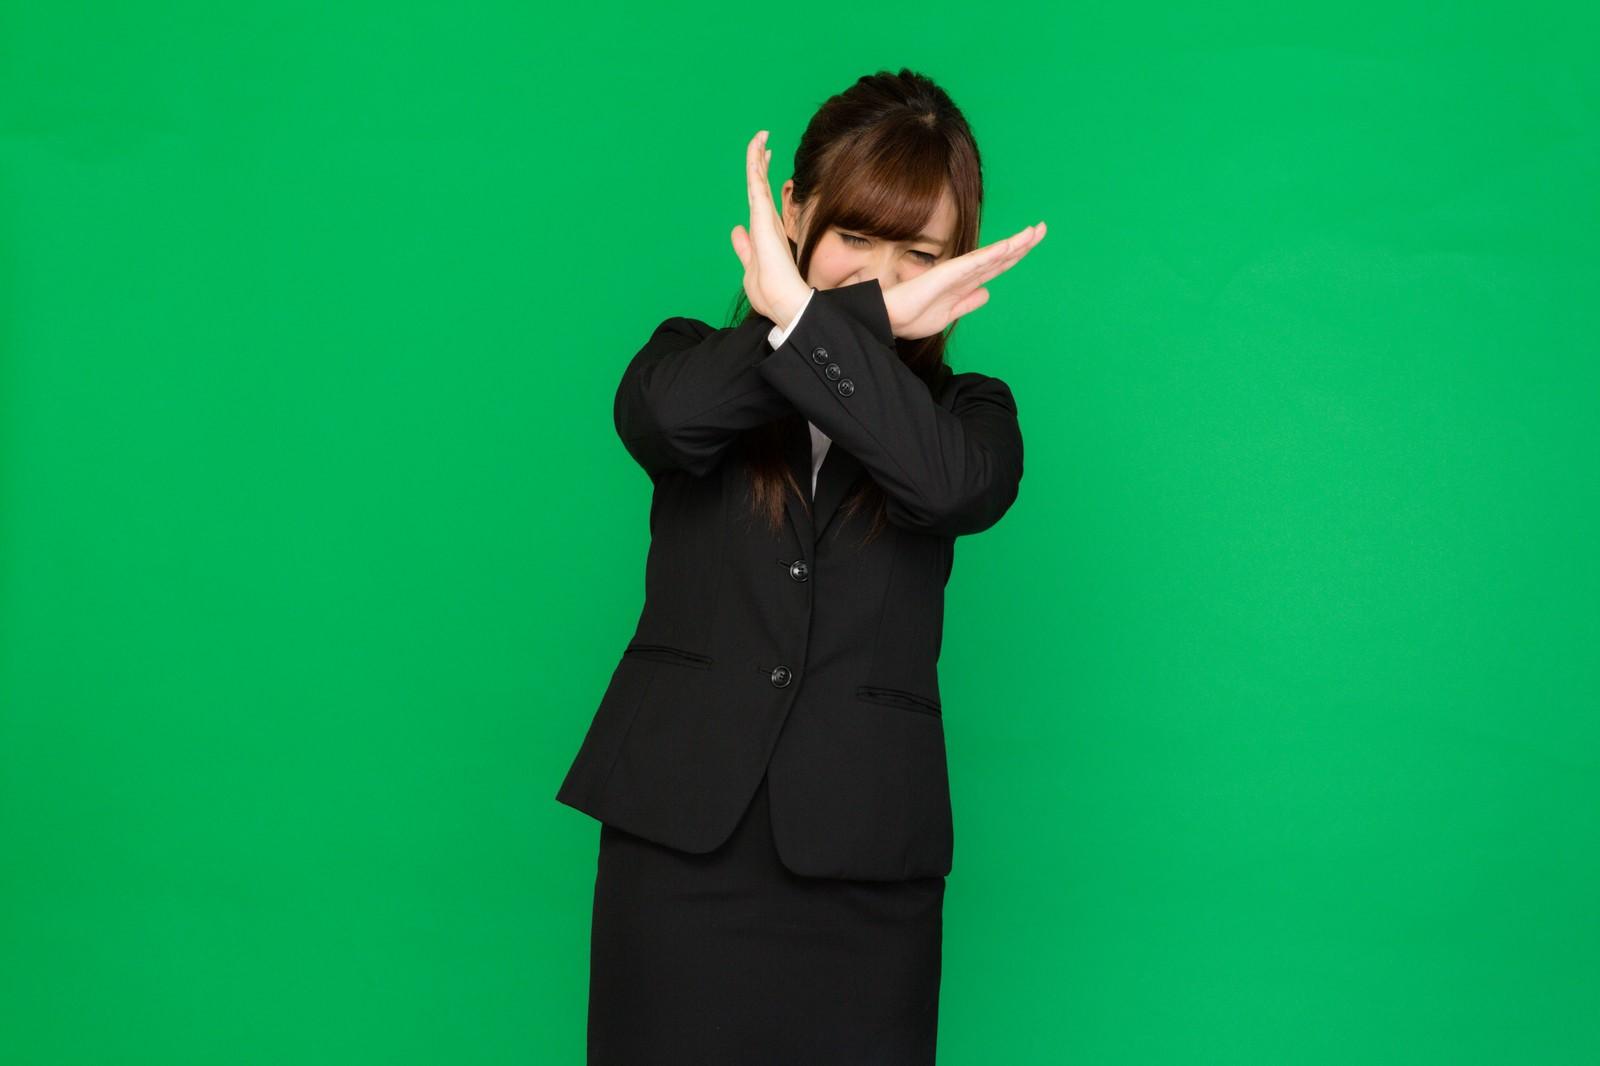 上司のパワハラ対処法。一人で抱え込まないで専門機関に相談する方法